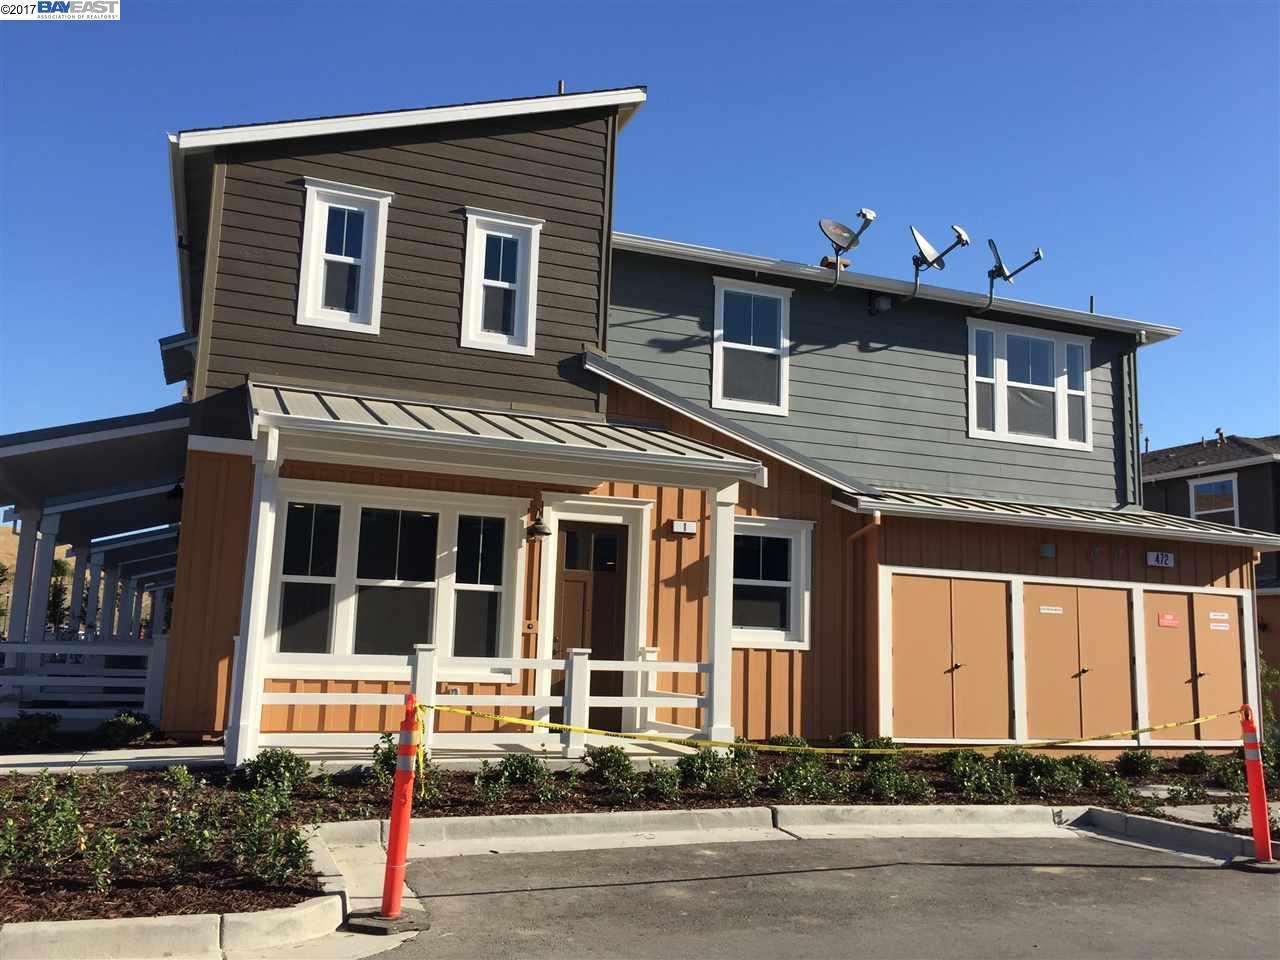 تاون هاوس للـ Rent في 472 Persimmon Common 472 Persimmon Common Livermore, California 94551 United States